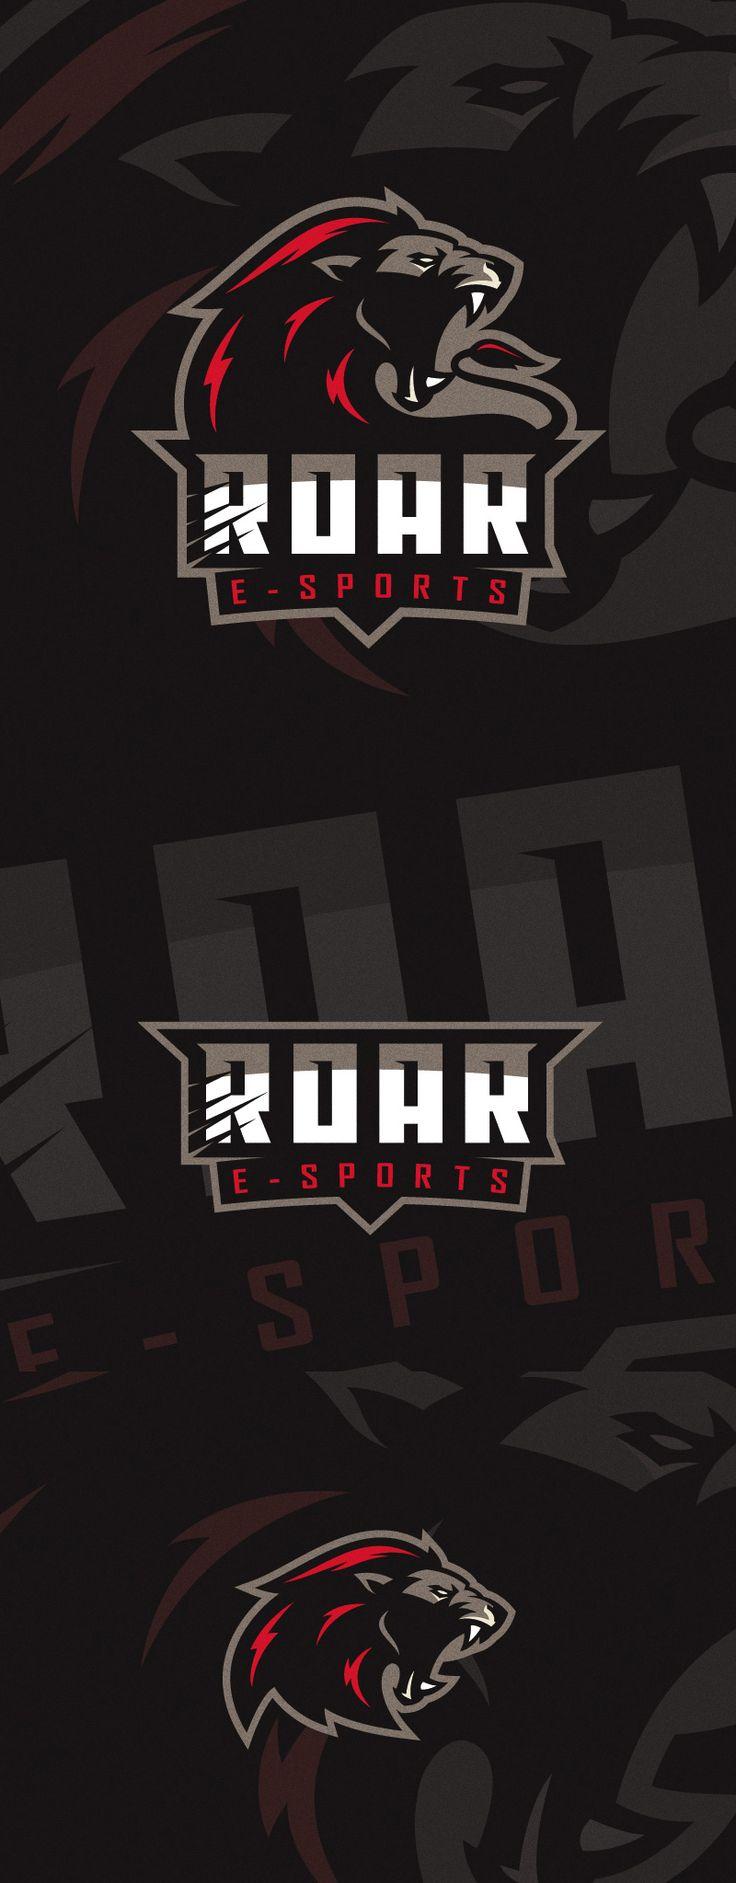 ROAR E-SPORTS by Mateusz Putylo